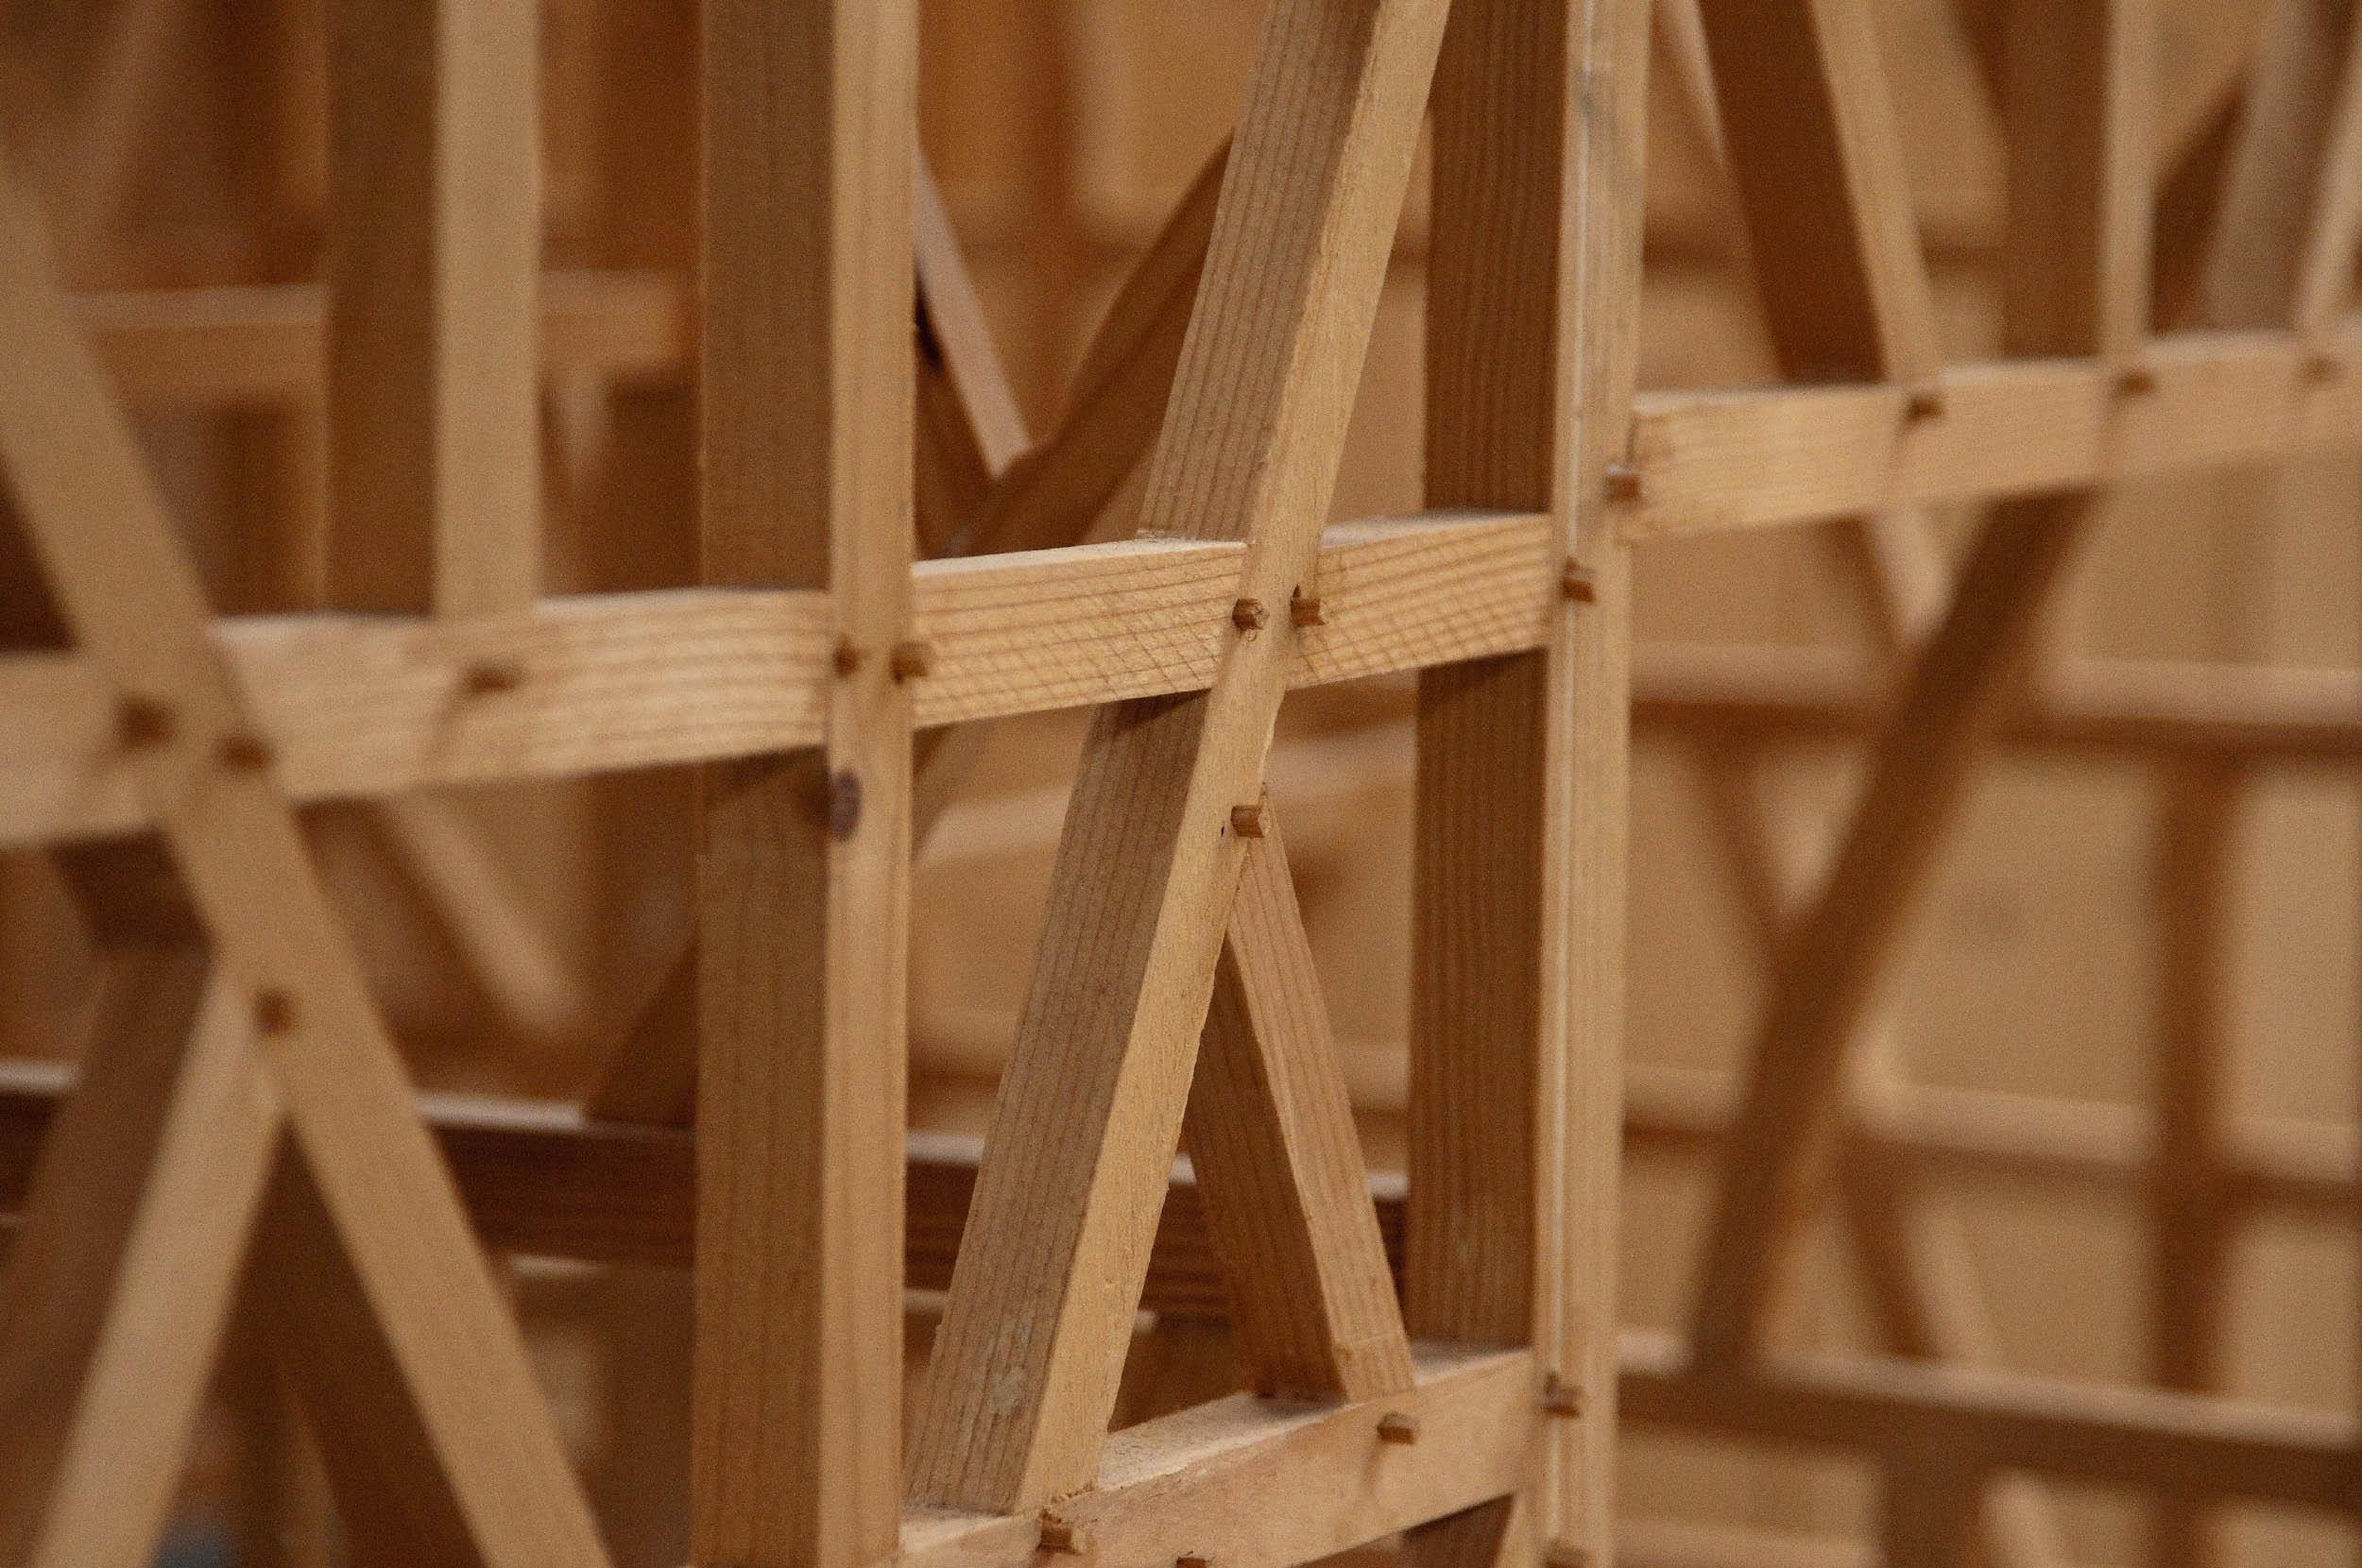 Detailaufnahem eines Fachwerkgerüstes aus Holz